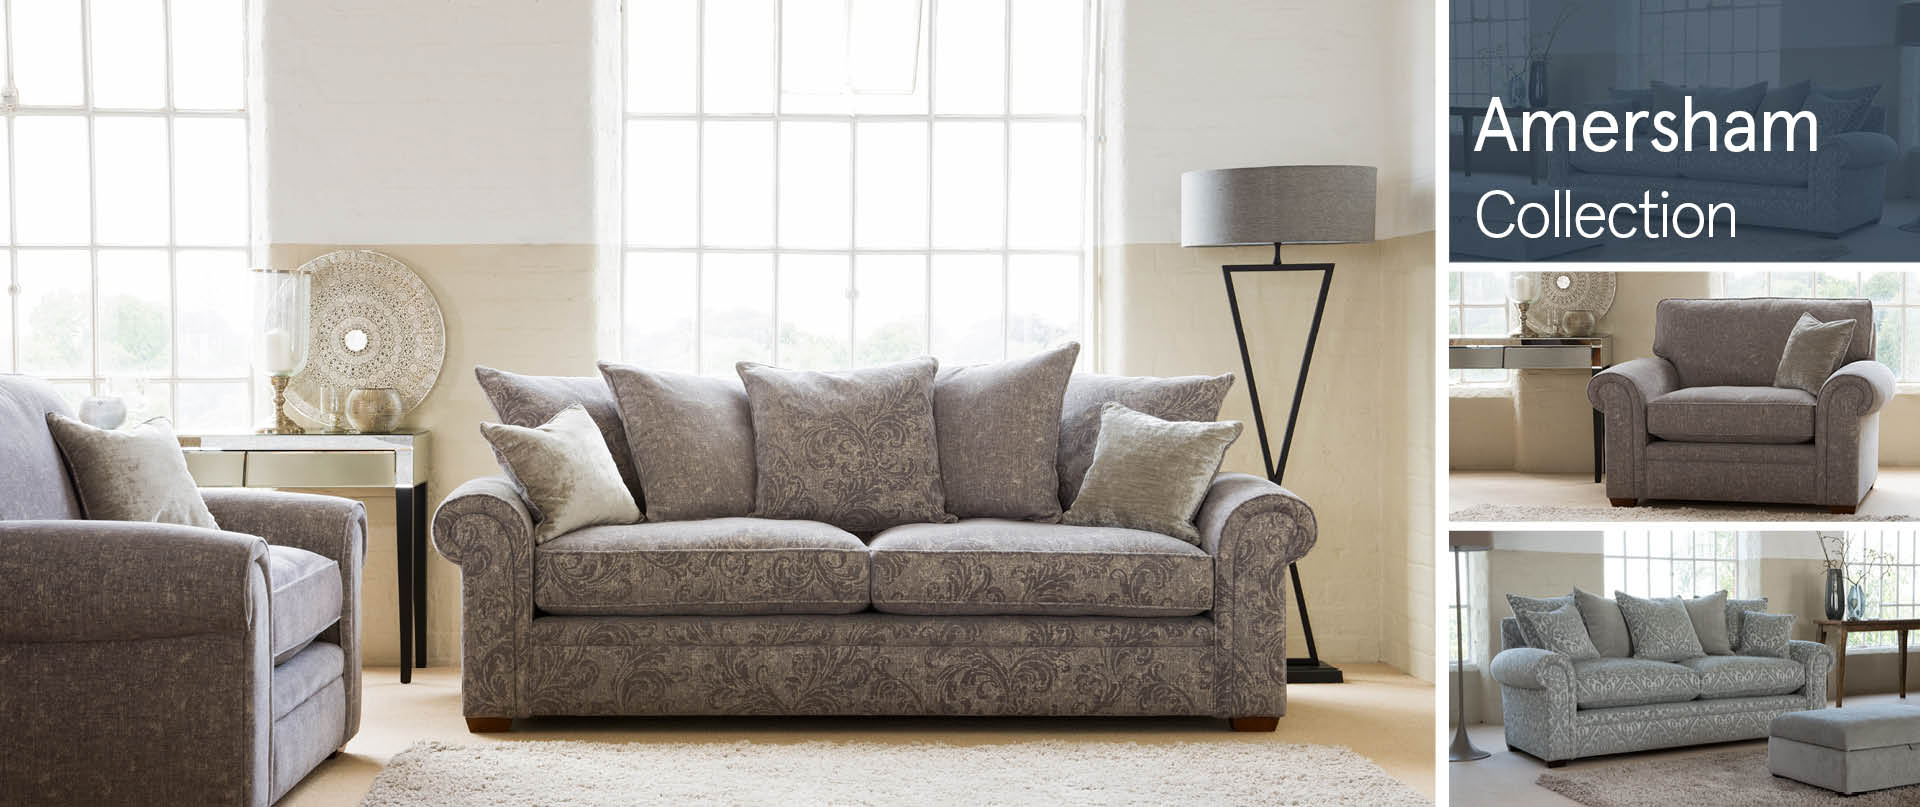 Amersham Fabric Sofas Ranges